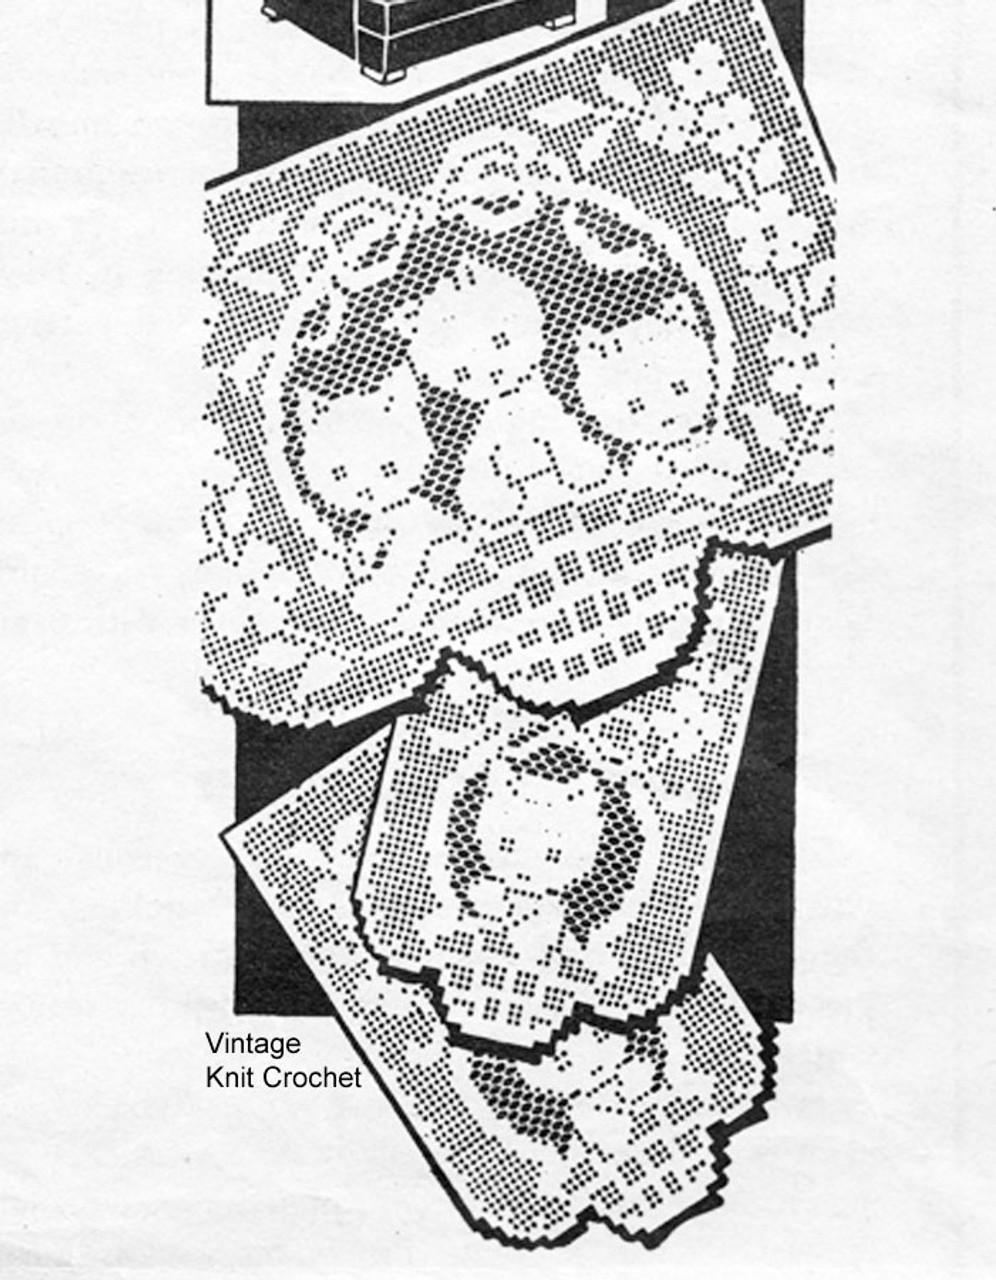 Vintage Kittens Filet Crochet Pattern, Chair Set, American Weekly 3155